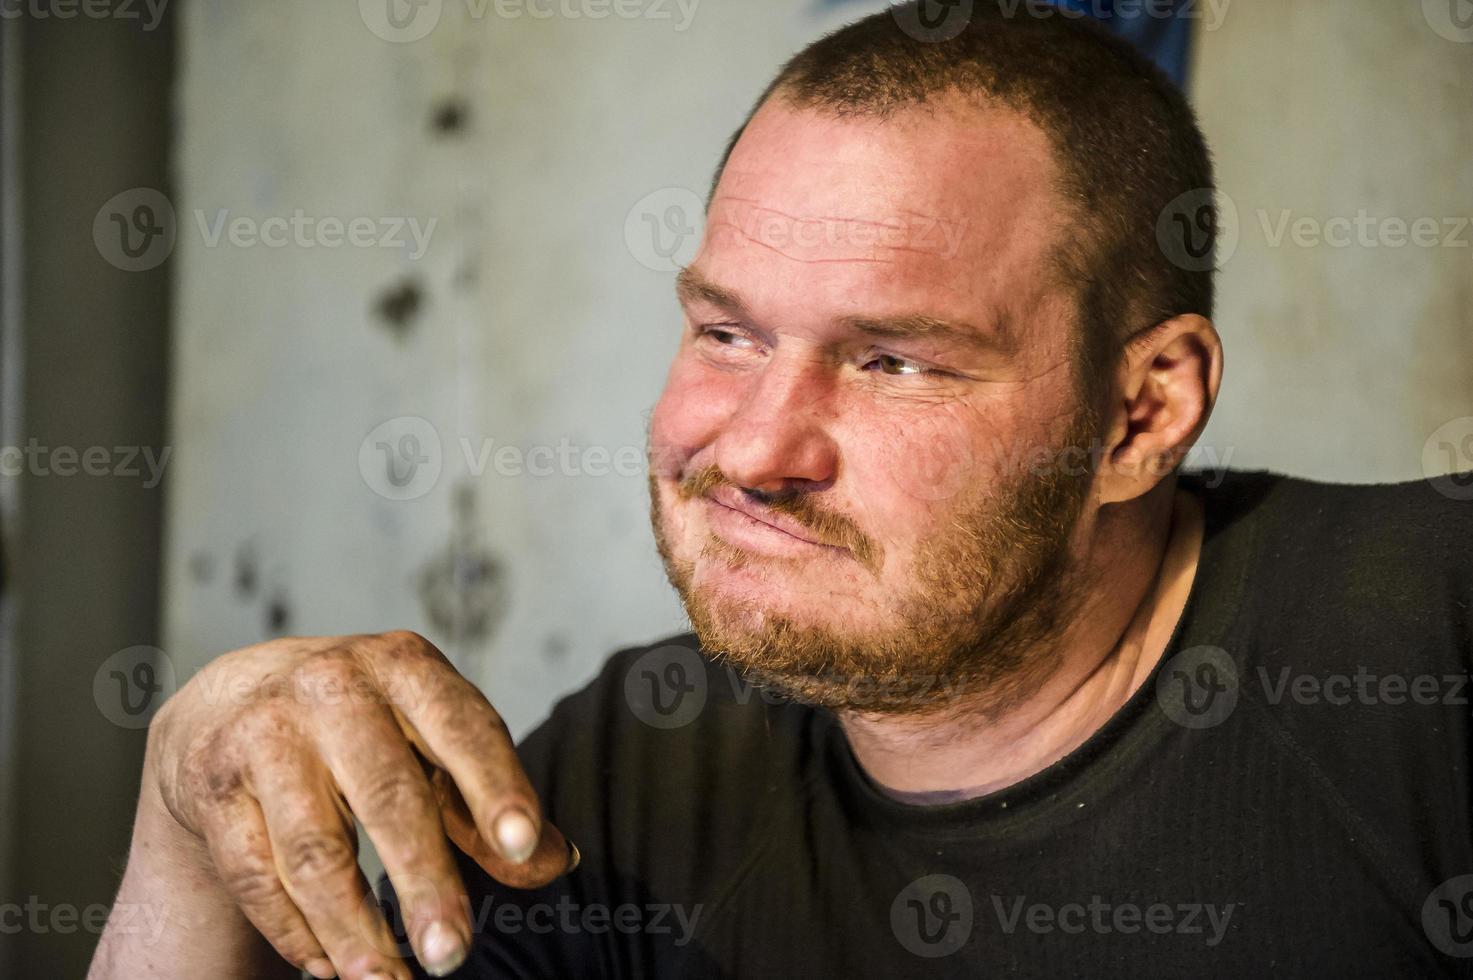 veertig jaar man portret. foto